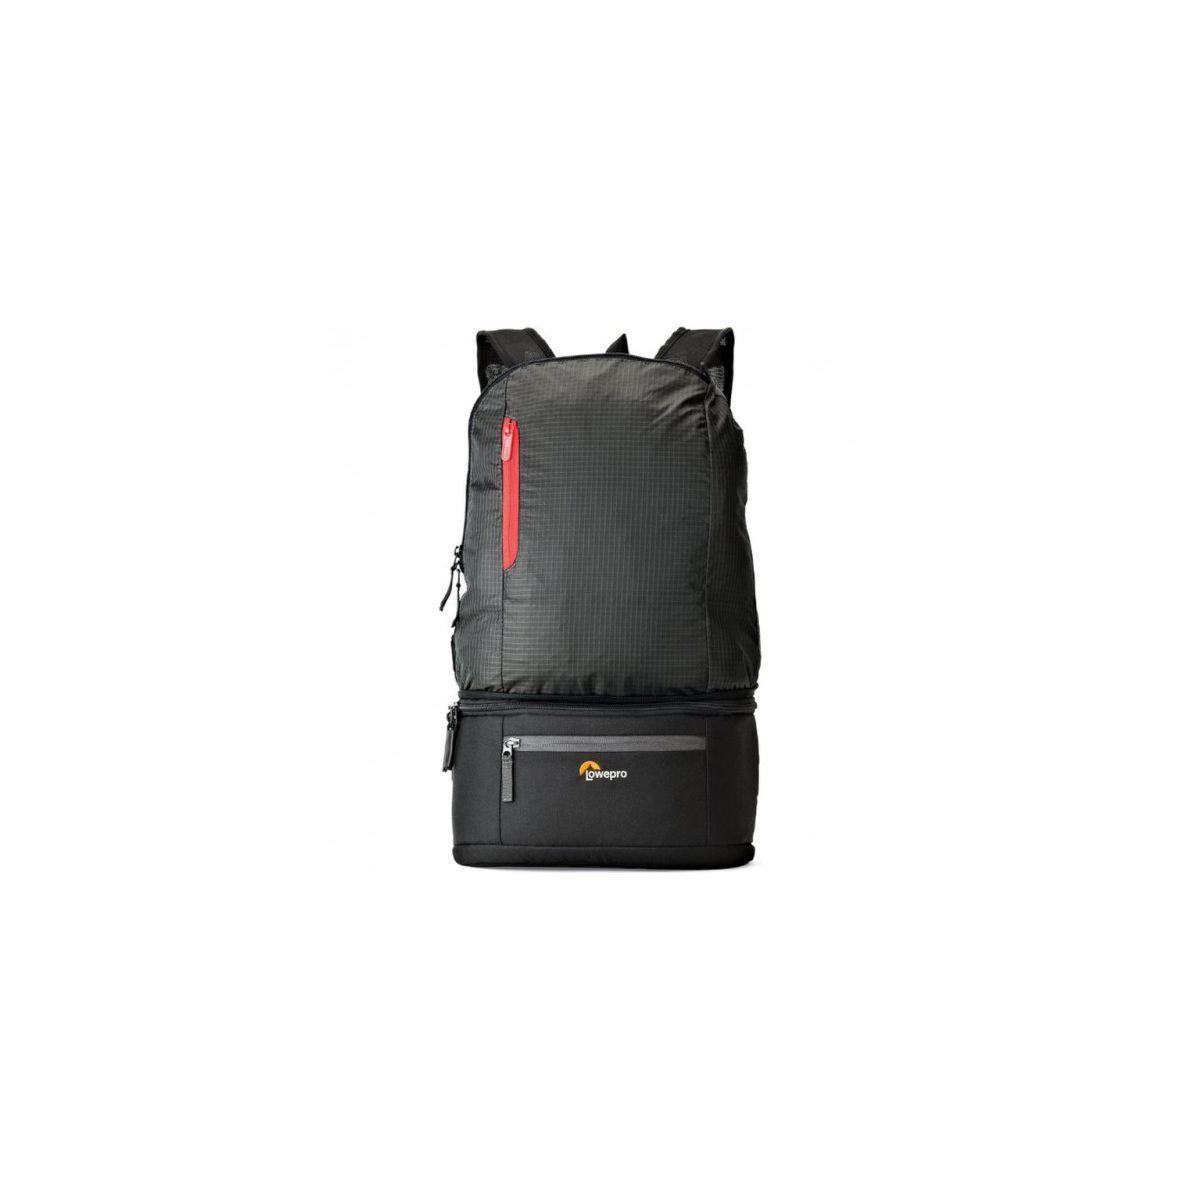 Sac à dos lowepro passeport duo noir - livraison offerte avec le code nouveaute